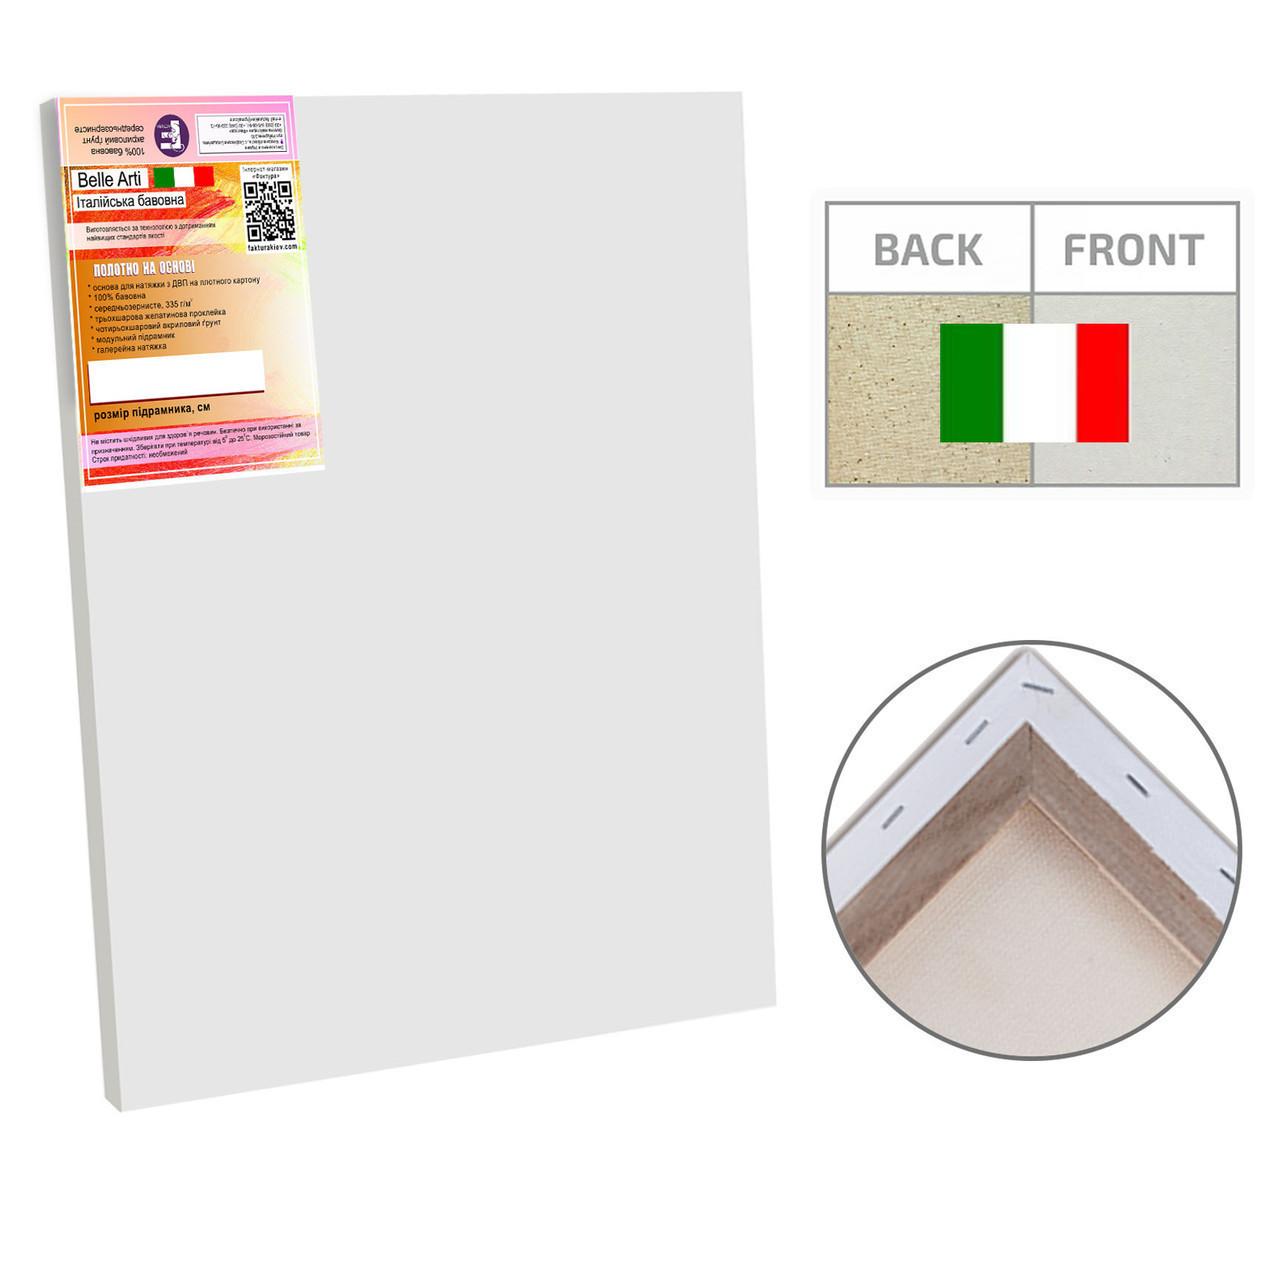 Холст на подрамнике Factura BelleArti 70х80см Итальянский хлопок 285 грамм кв.м. среднее зерно белый, фото 1